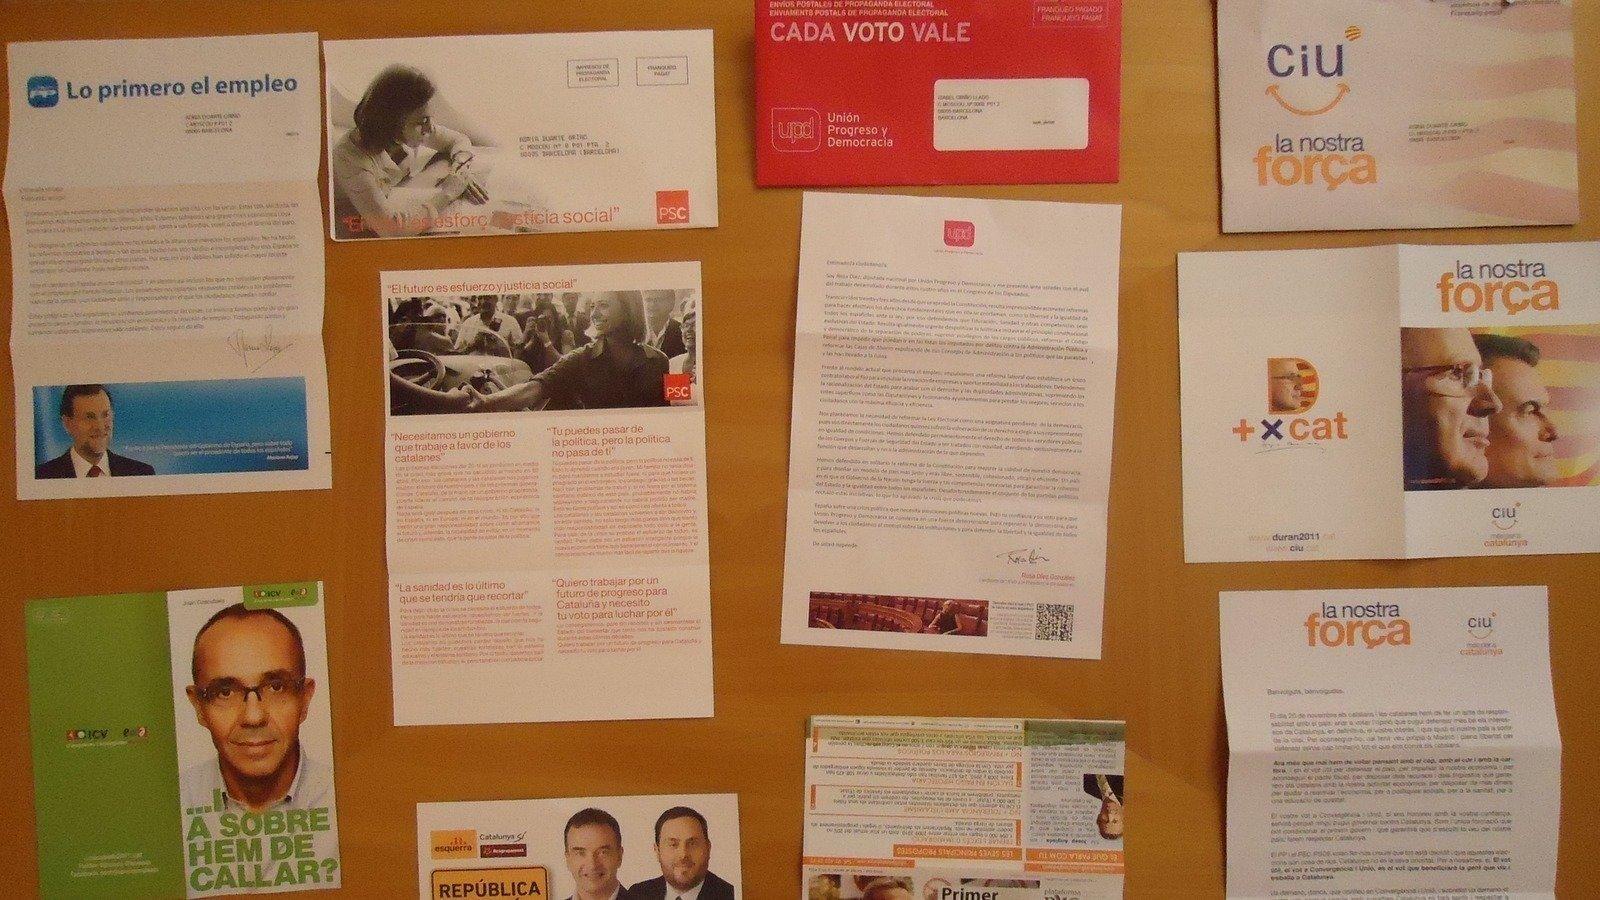 Petici n junta electoral central no m s propaganda for No mas 900 oficina directa